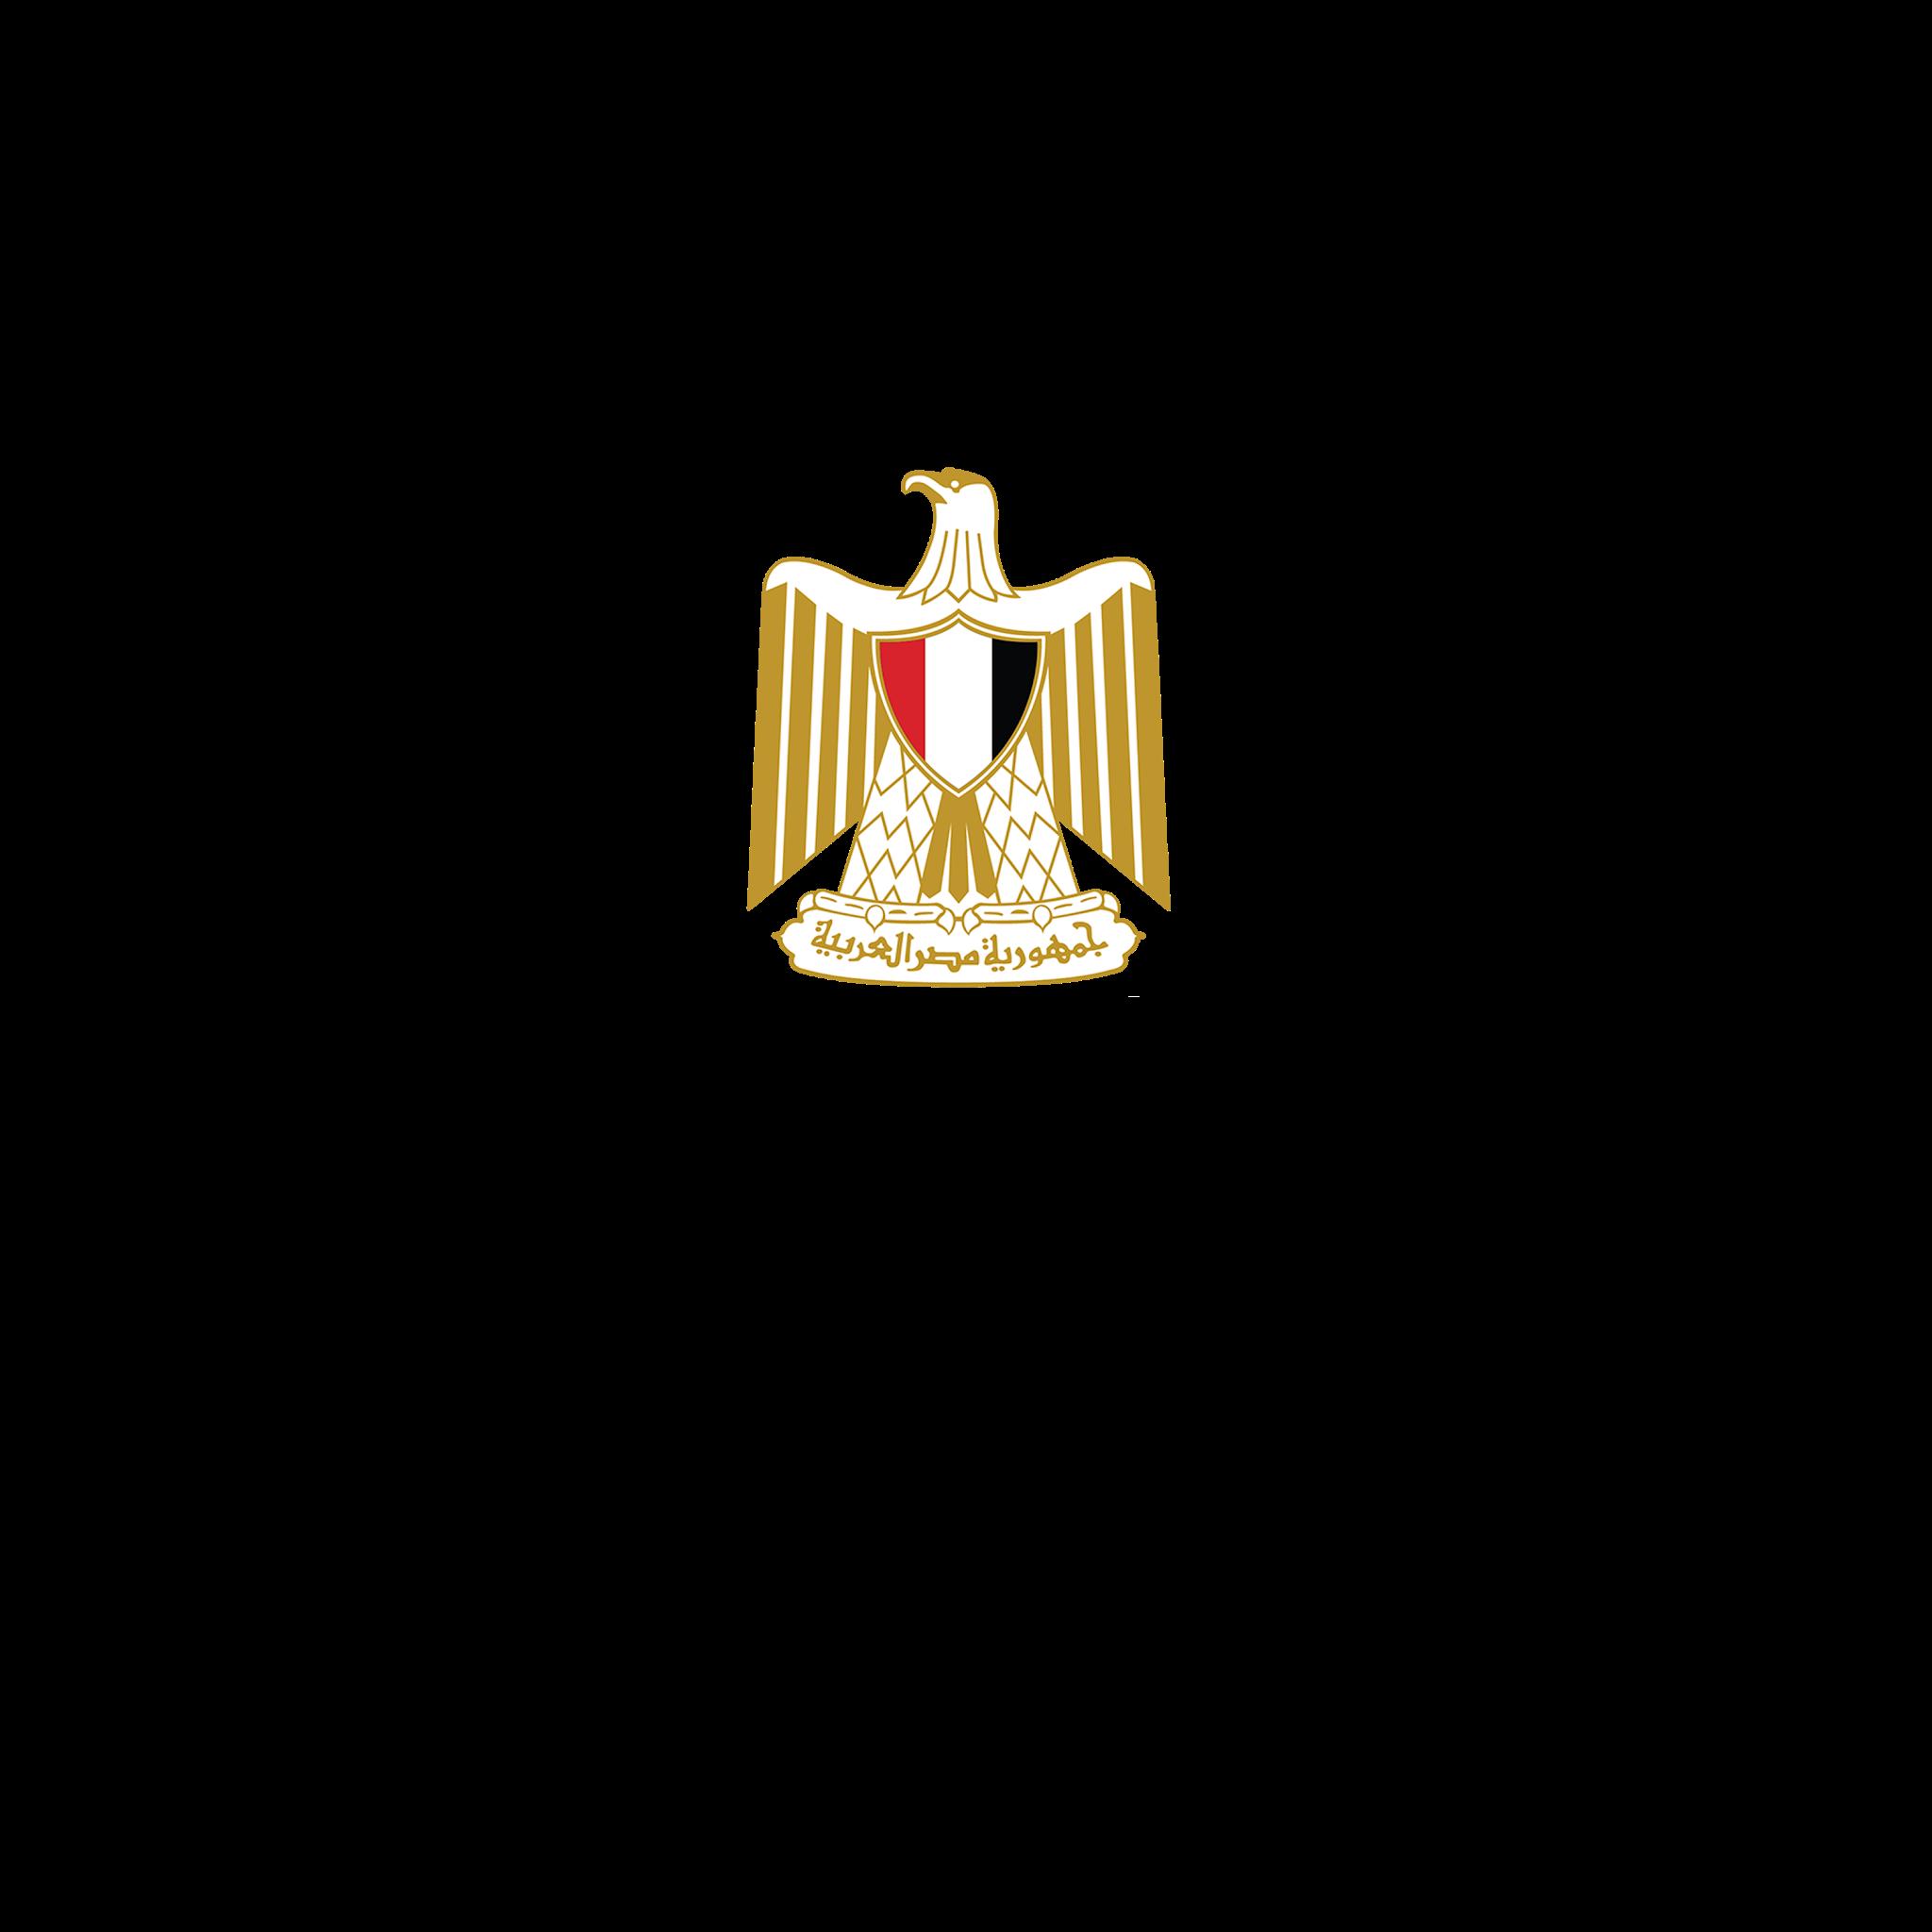 تحميل شعار البنك المركزي المصري لوجو شفاف عالي الجودة PNG